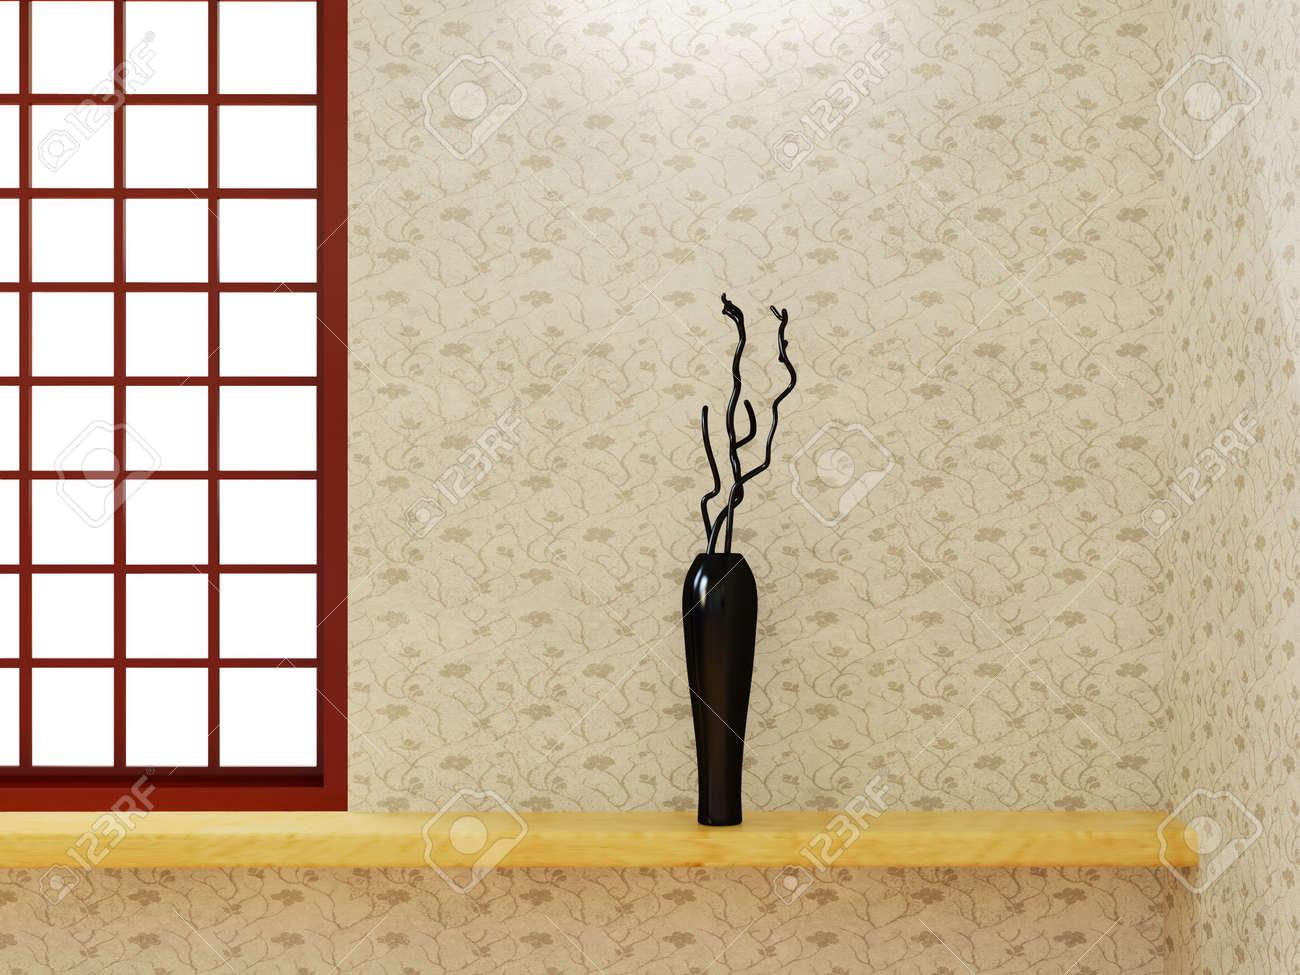 Modern Interieur Living : Bild mit hoher auflösung inneren d illustration modern interior